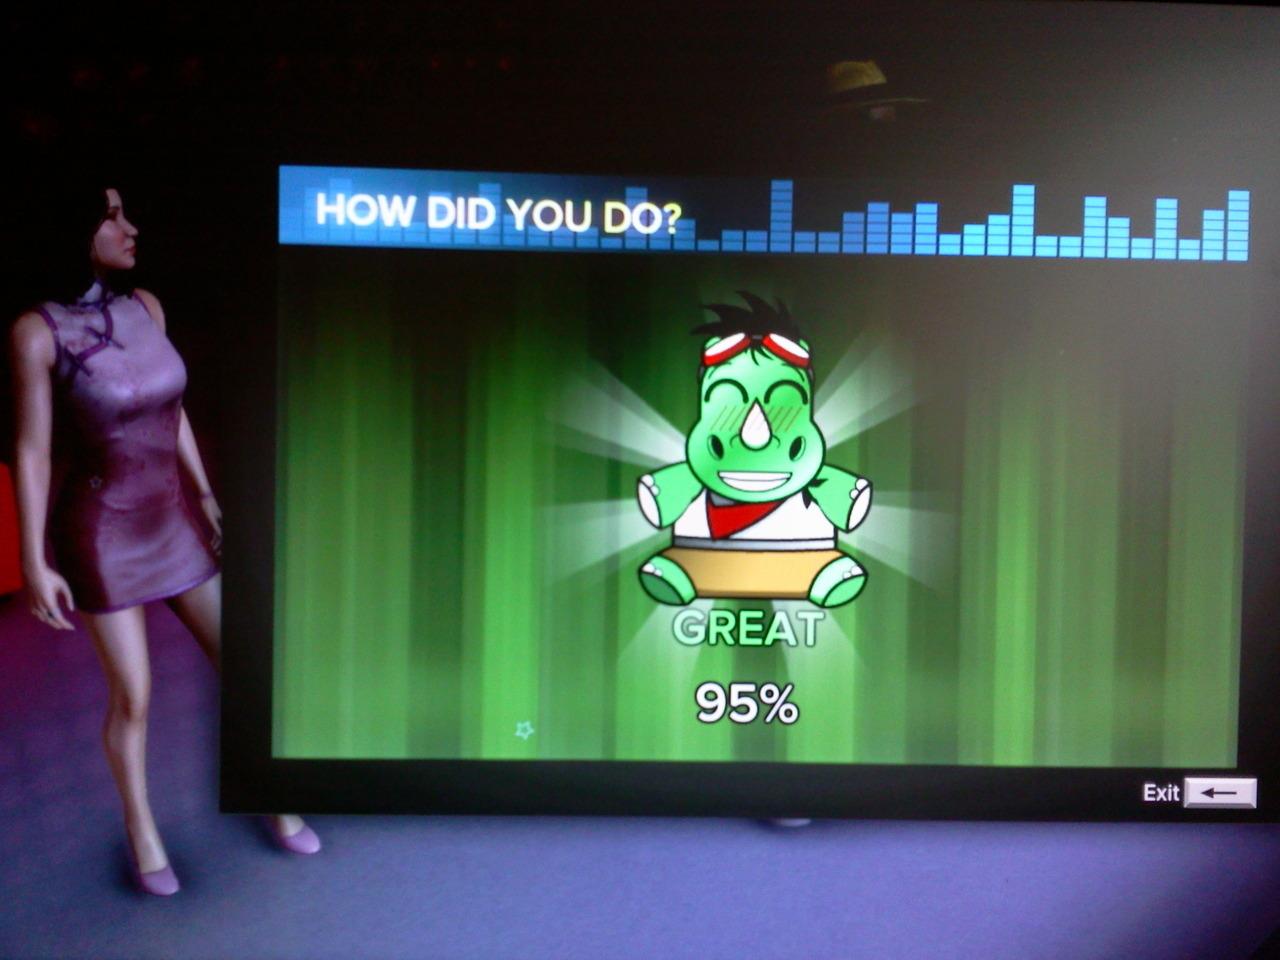 Karaoke in Hong-Kong: Did you see that ludicrous display last night?